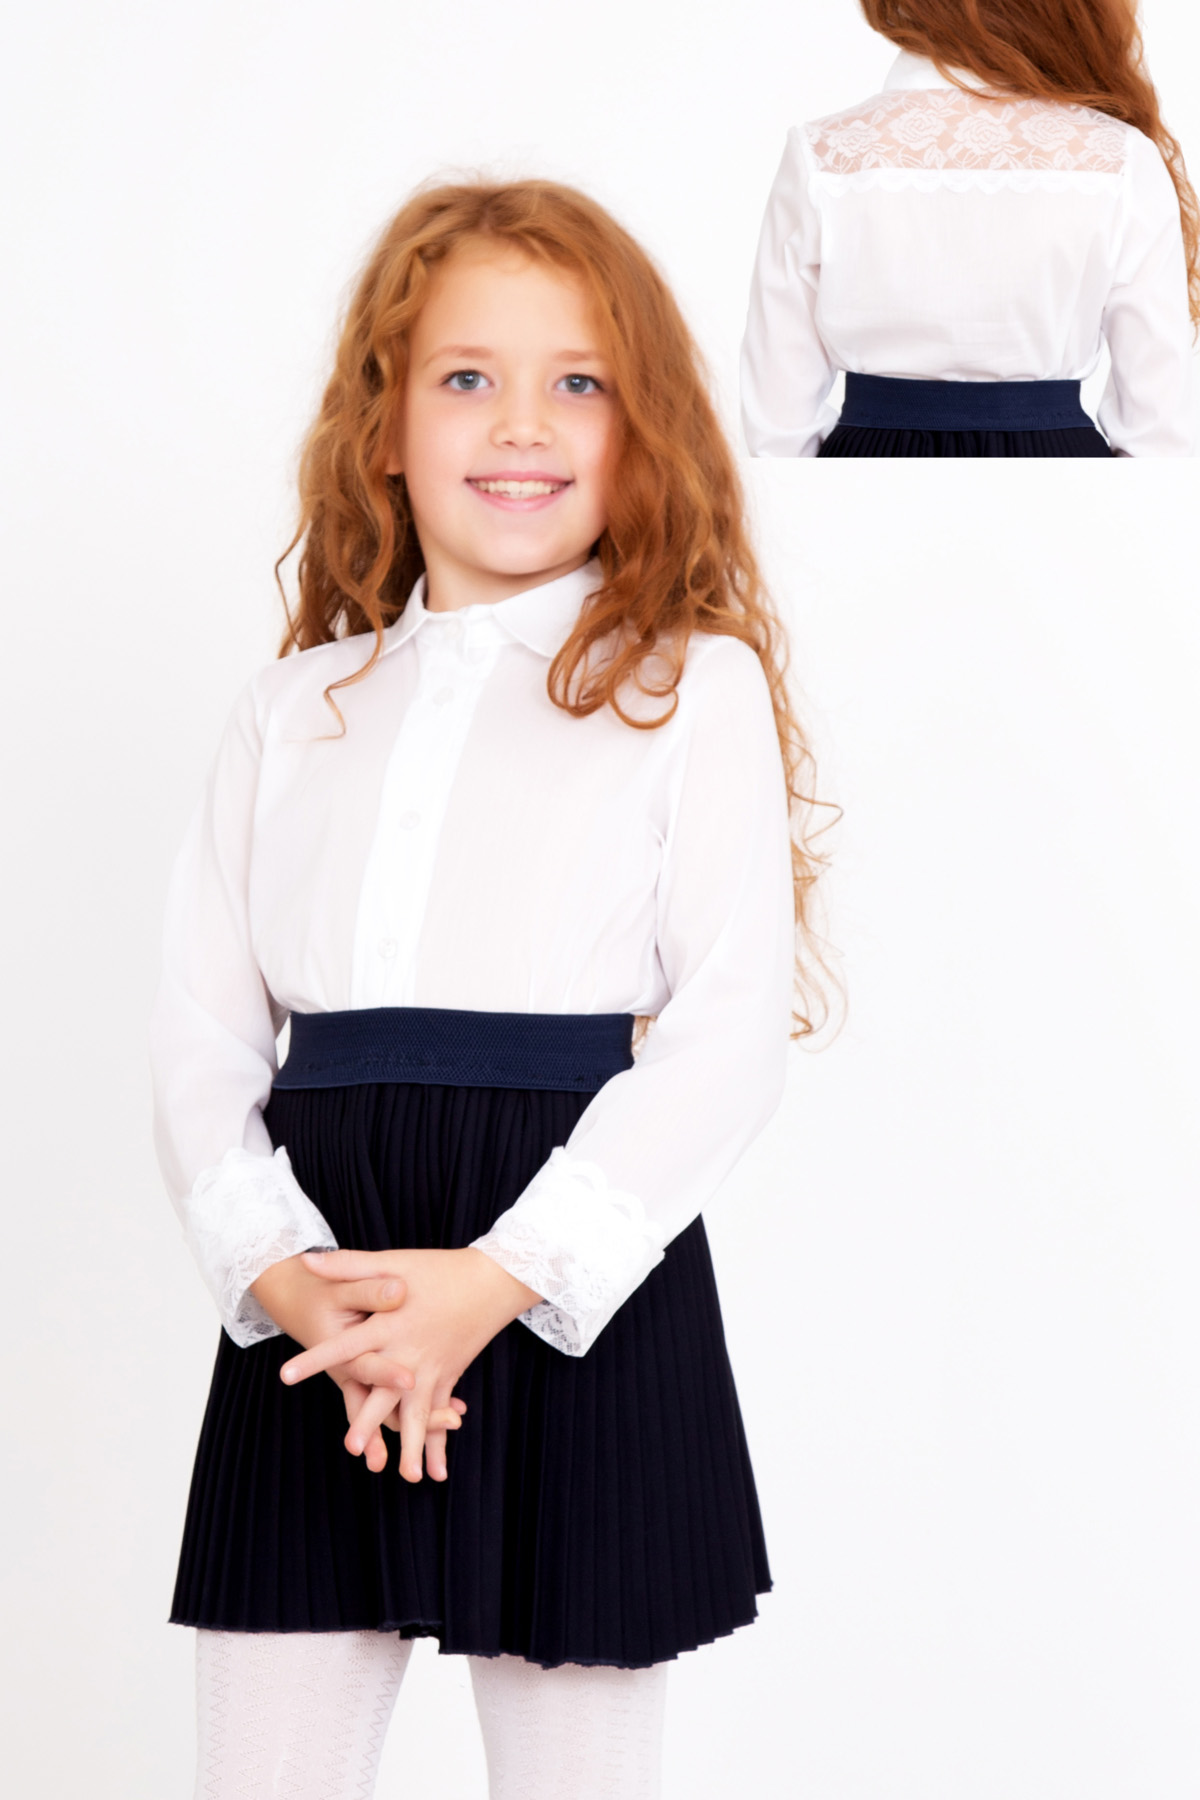 Дет. блуза Школьная р. 34Толстовки, джемпера и рубашки<br><br><br>Тип: Дет. блуза<br>Размер: 34<br>Материал: Штапель